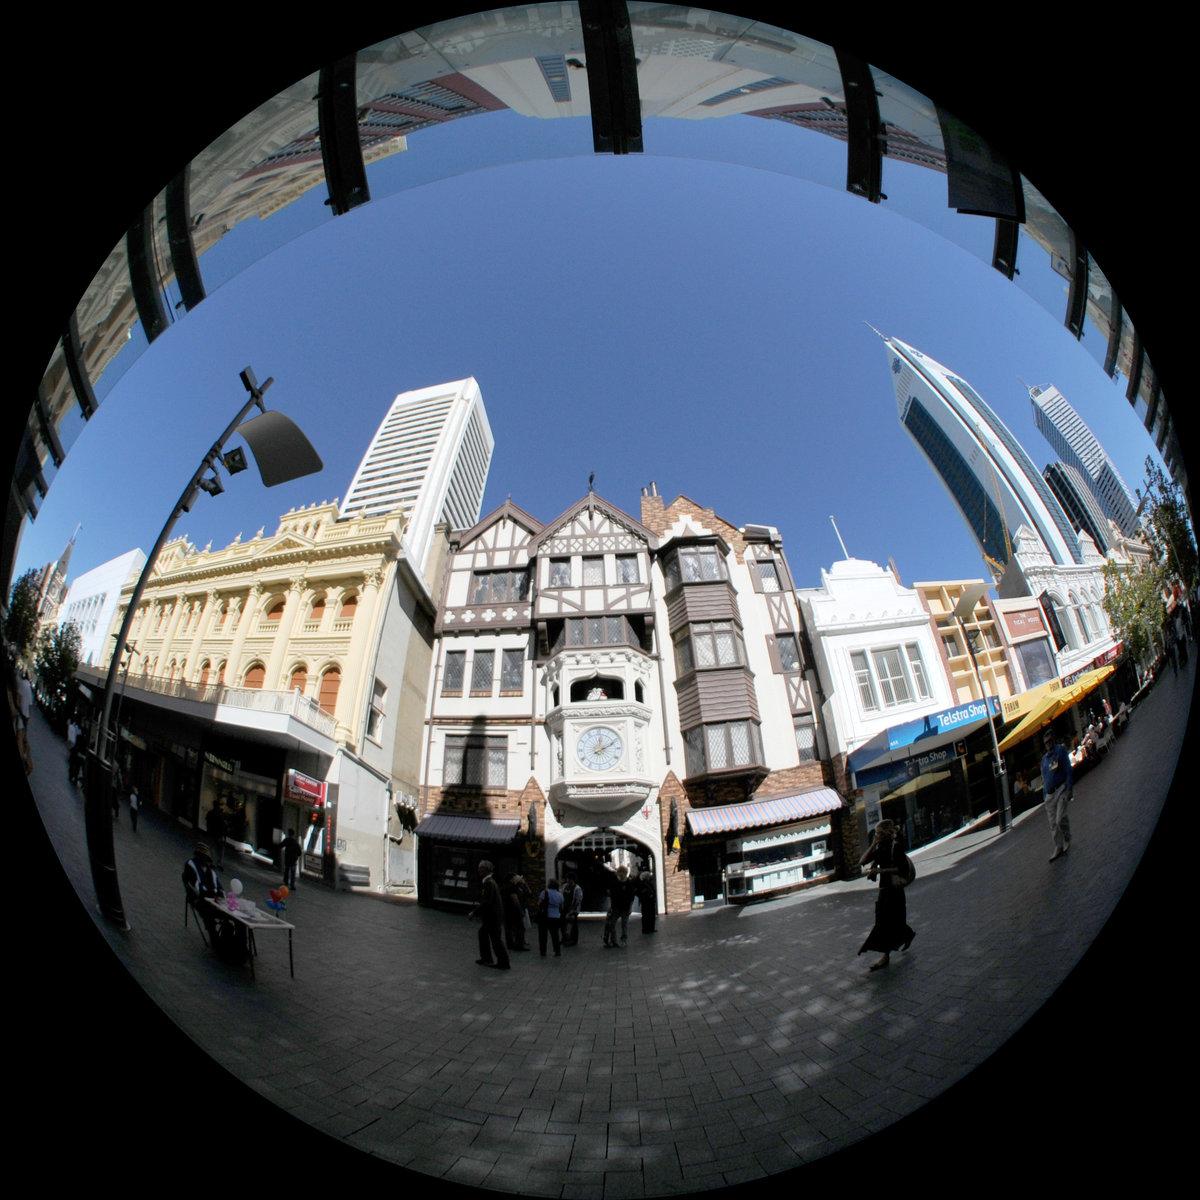 Широкоугольный компактный фотоаппарат угол обзора фотометрии один